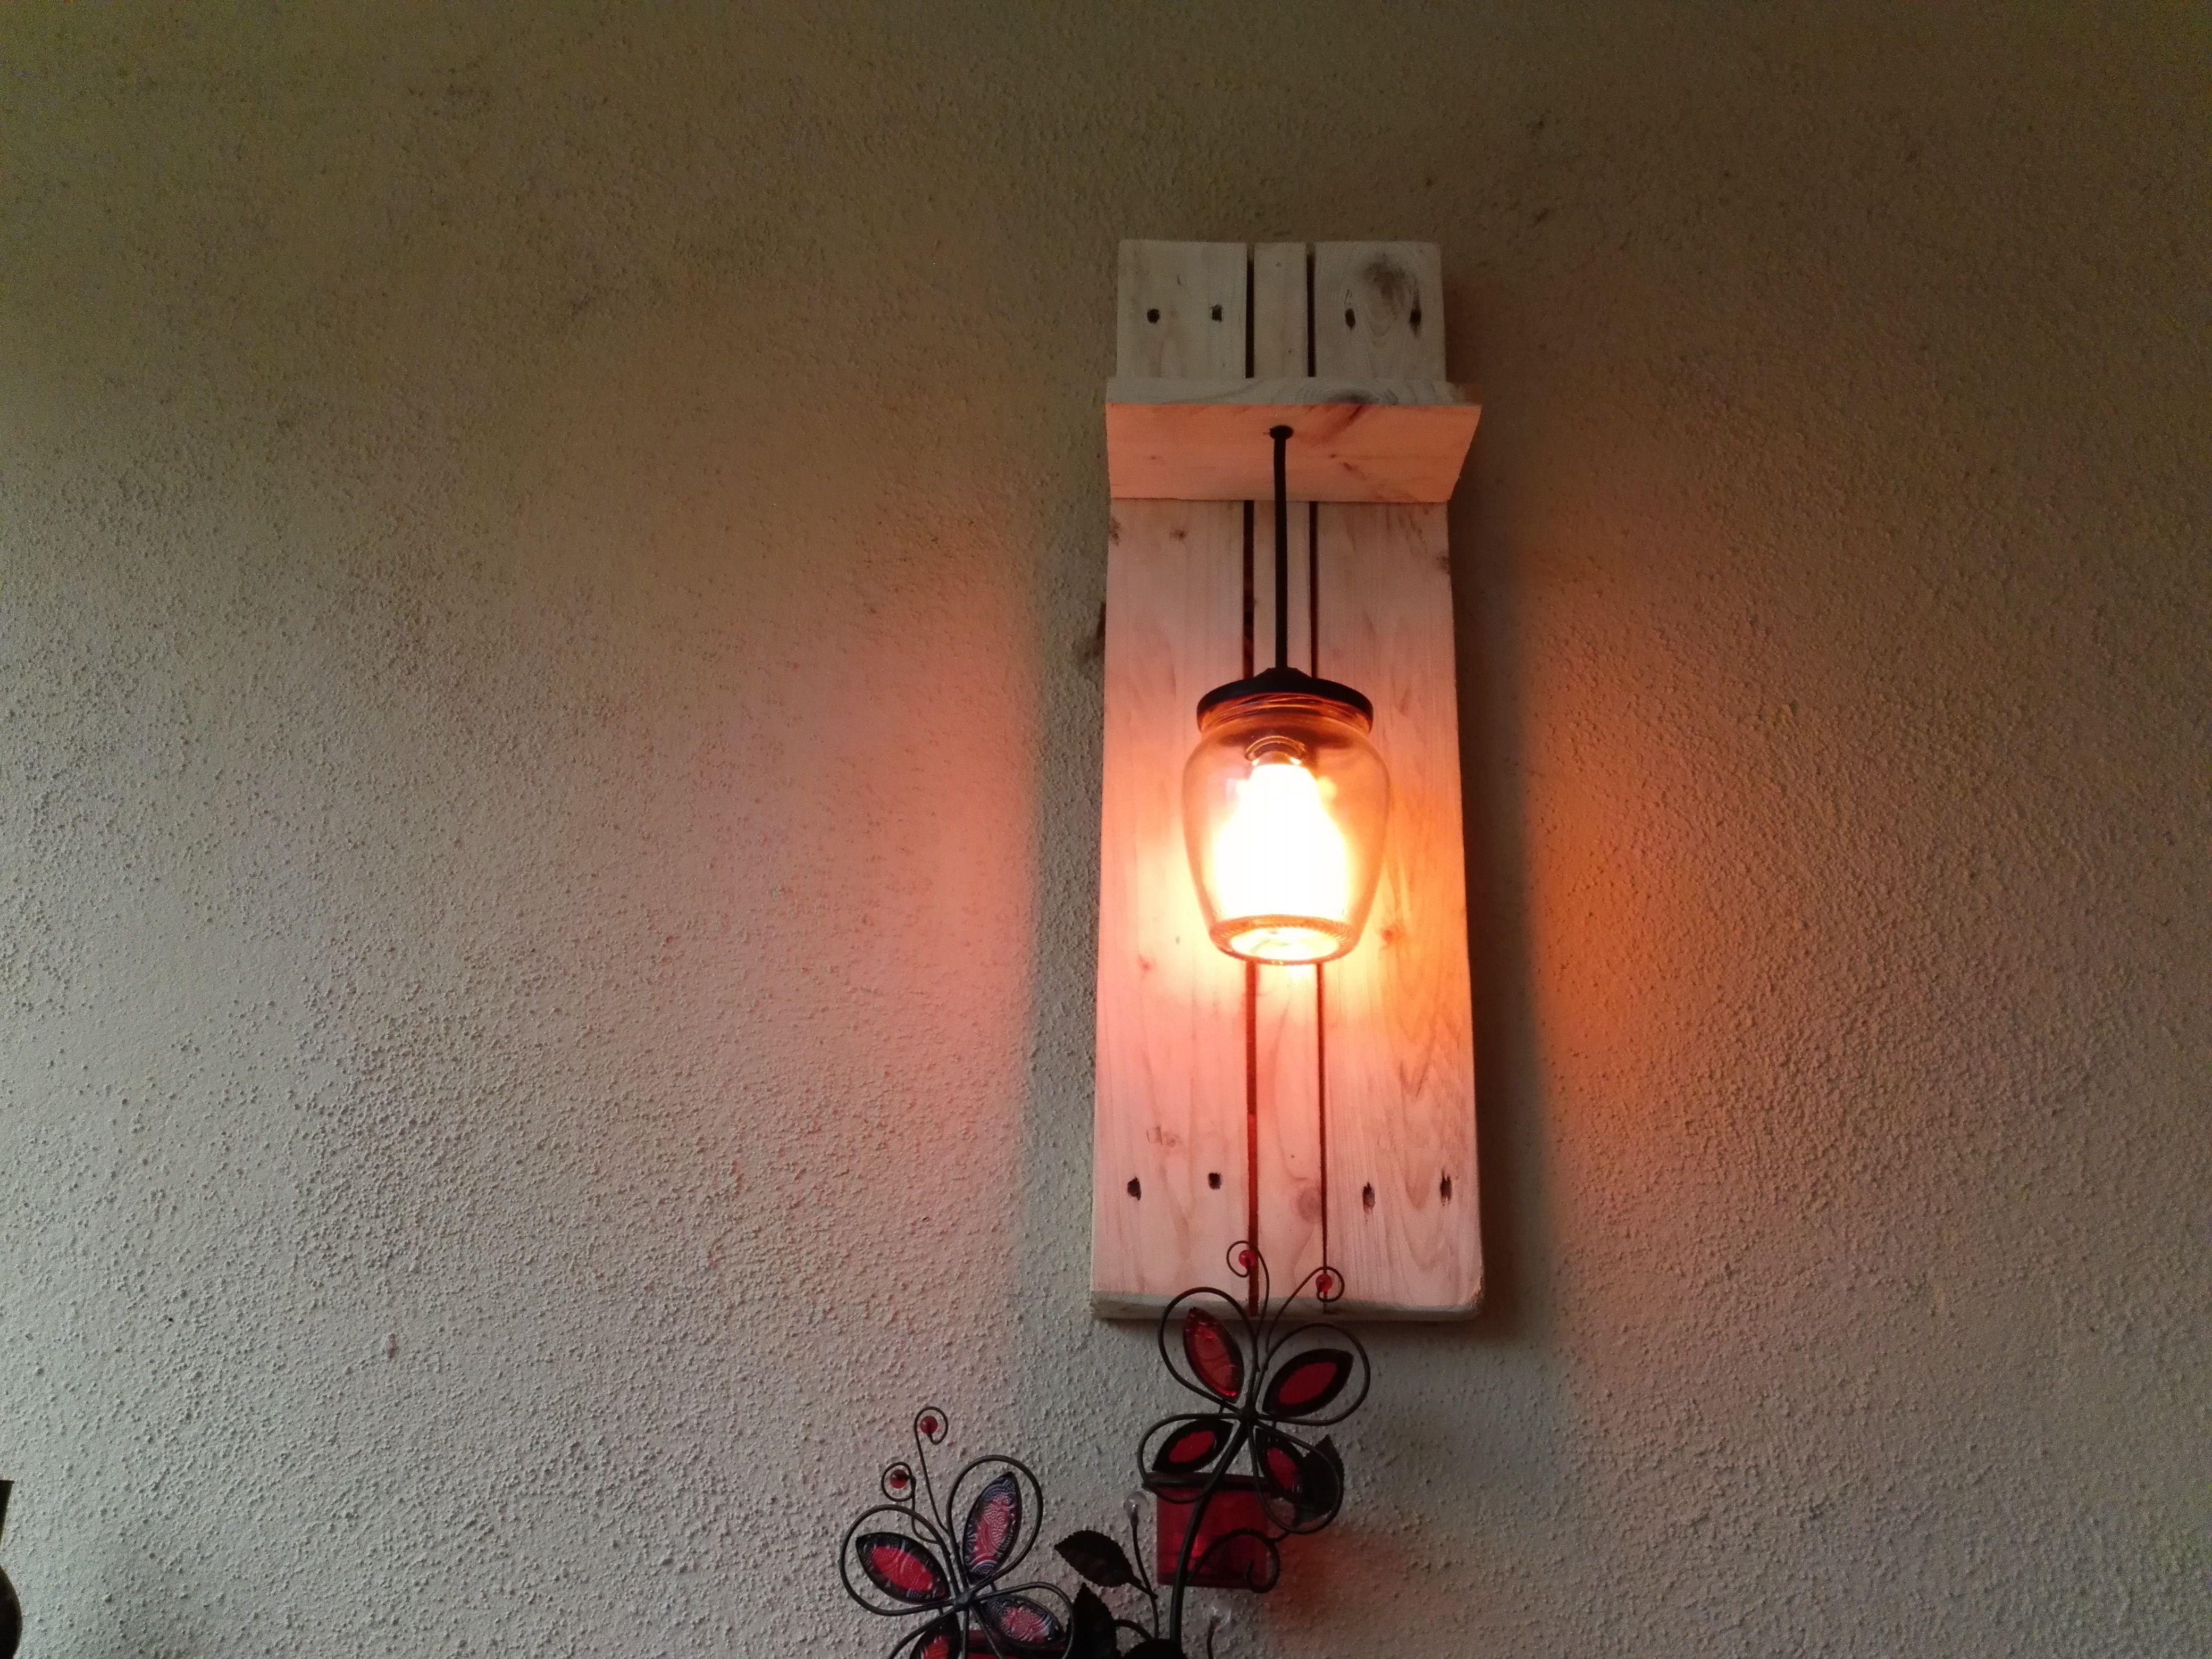 Lampada Con Barattolo Di Vetro : Lampade barattoli di vetro lampada barattolo vetro u idea d